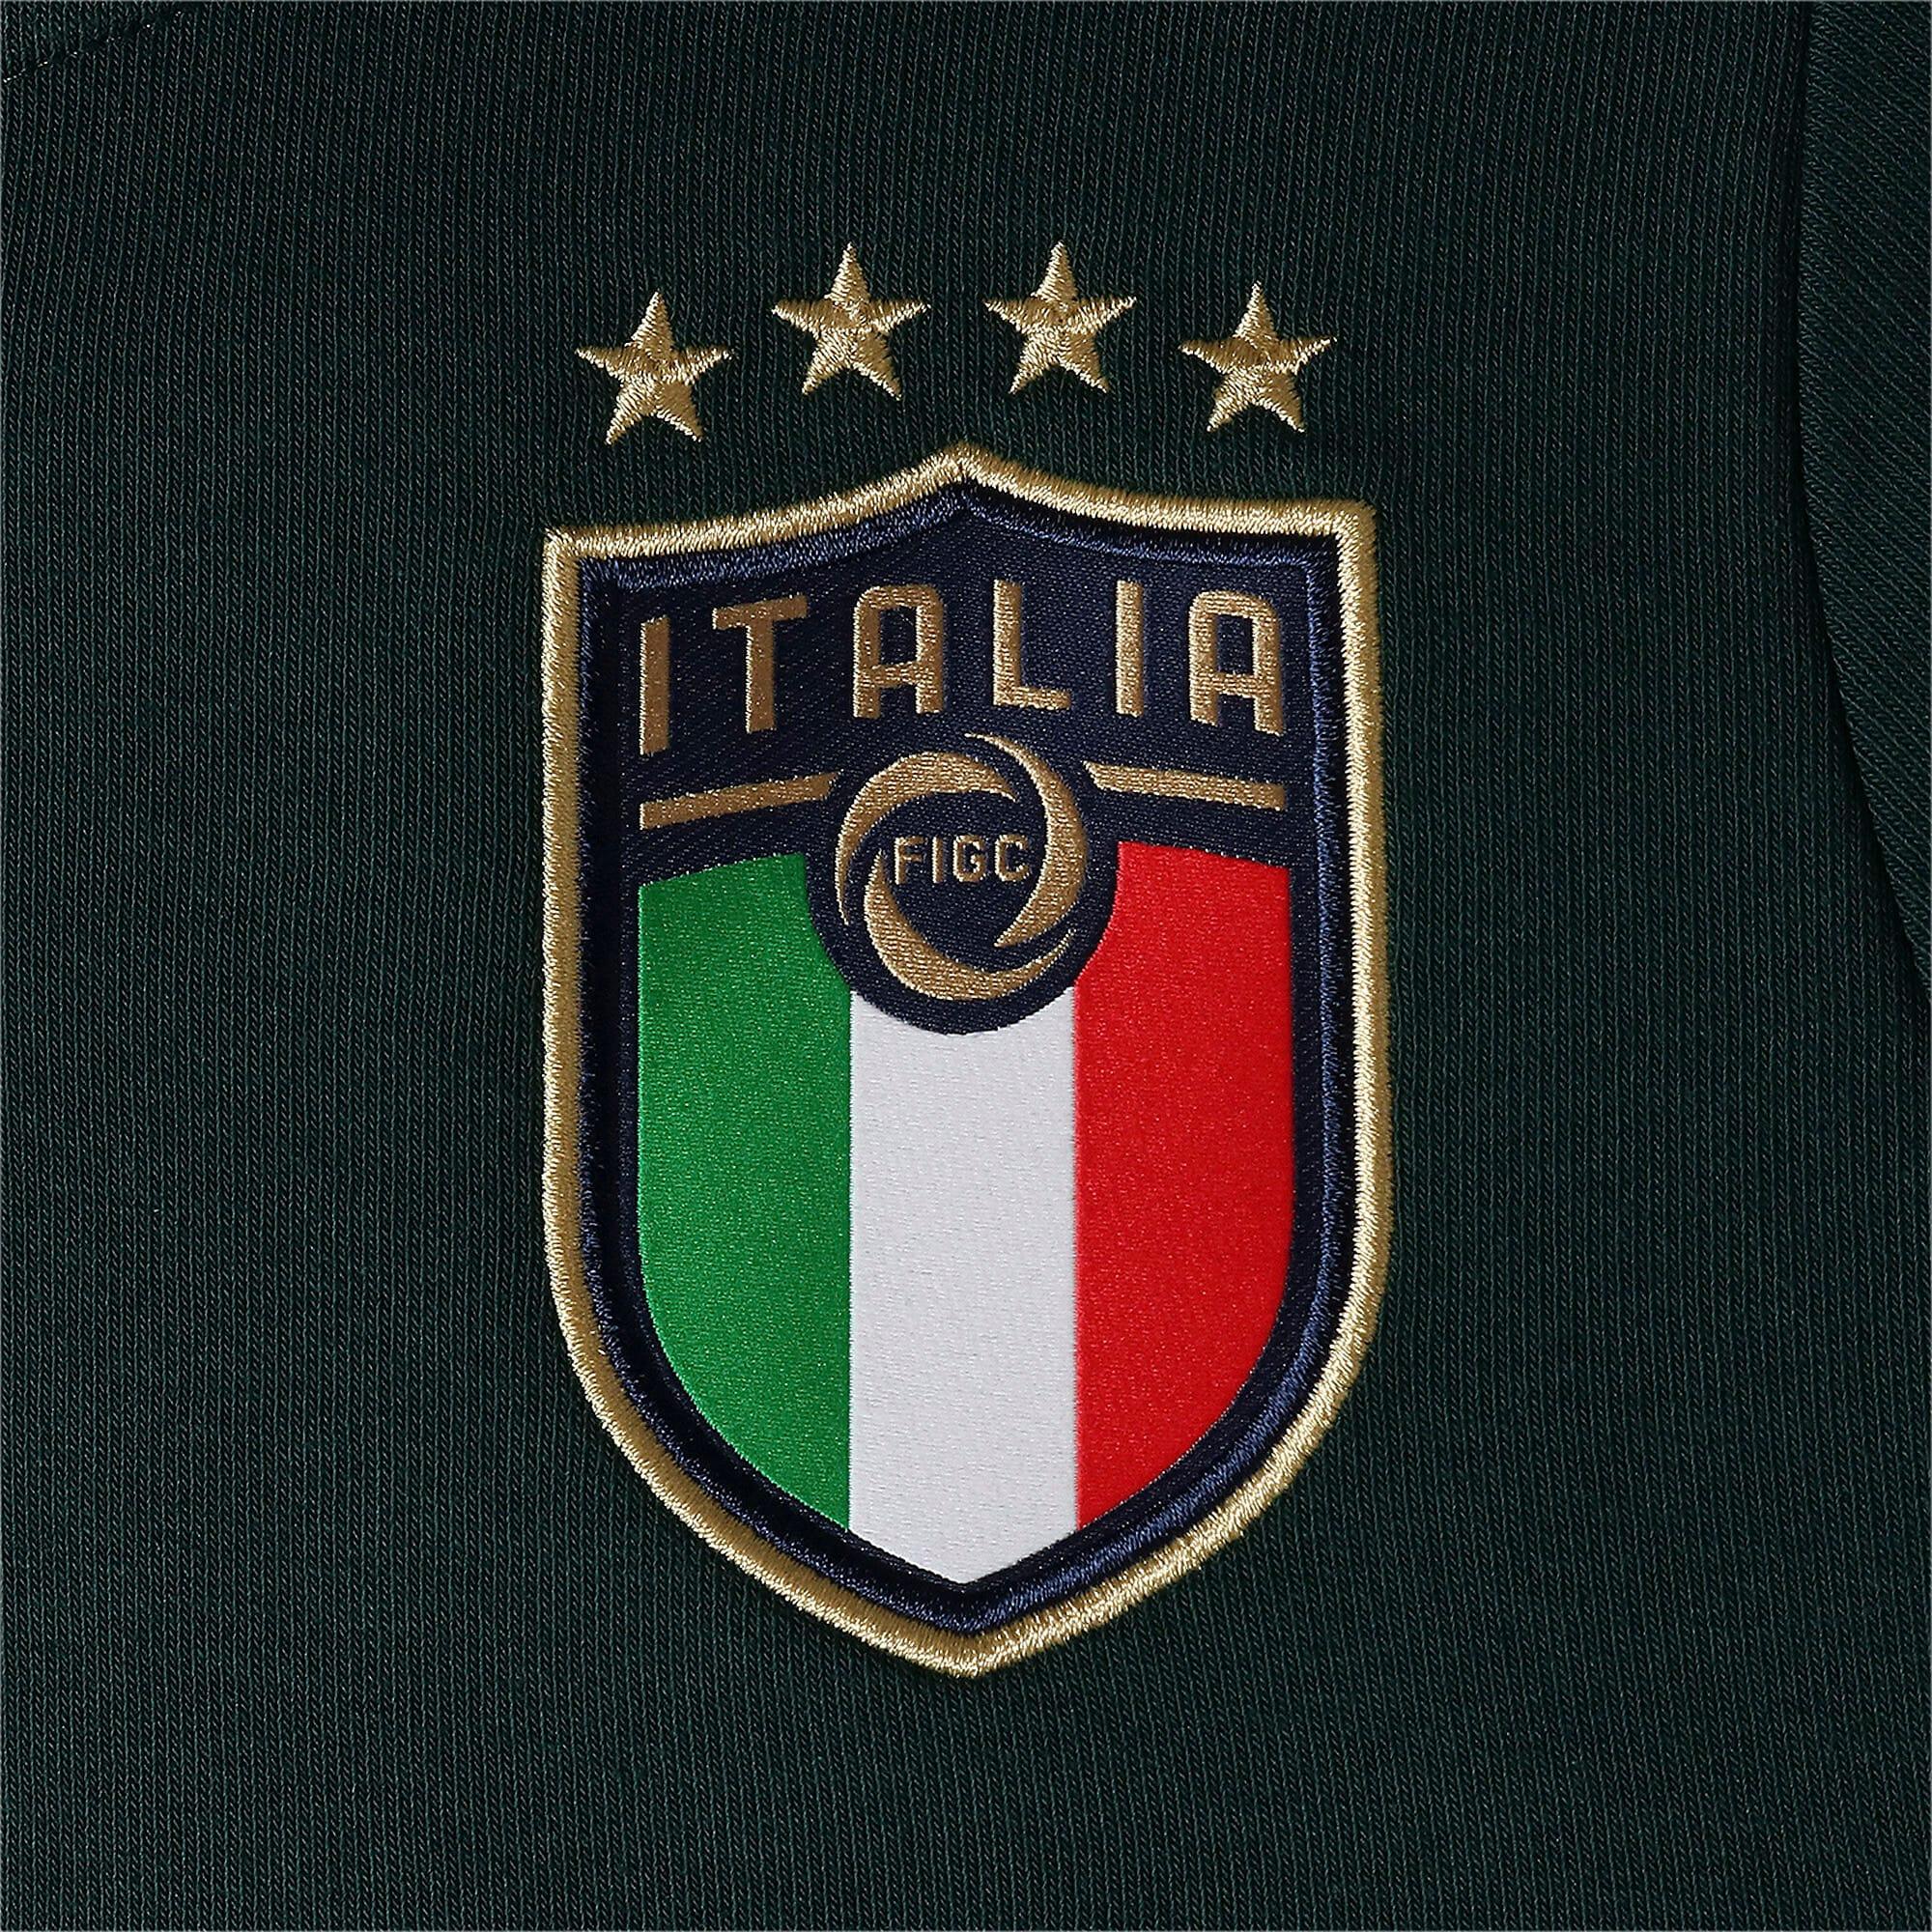 Thumbnail 8 of FIGC イタリア カジュアル フーディー, Ponderosa Pine-Peacoat, medium-JPN